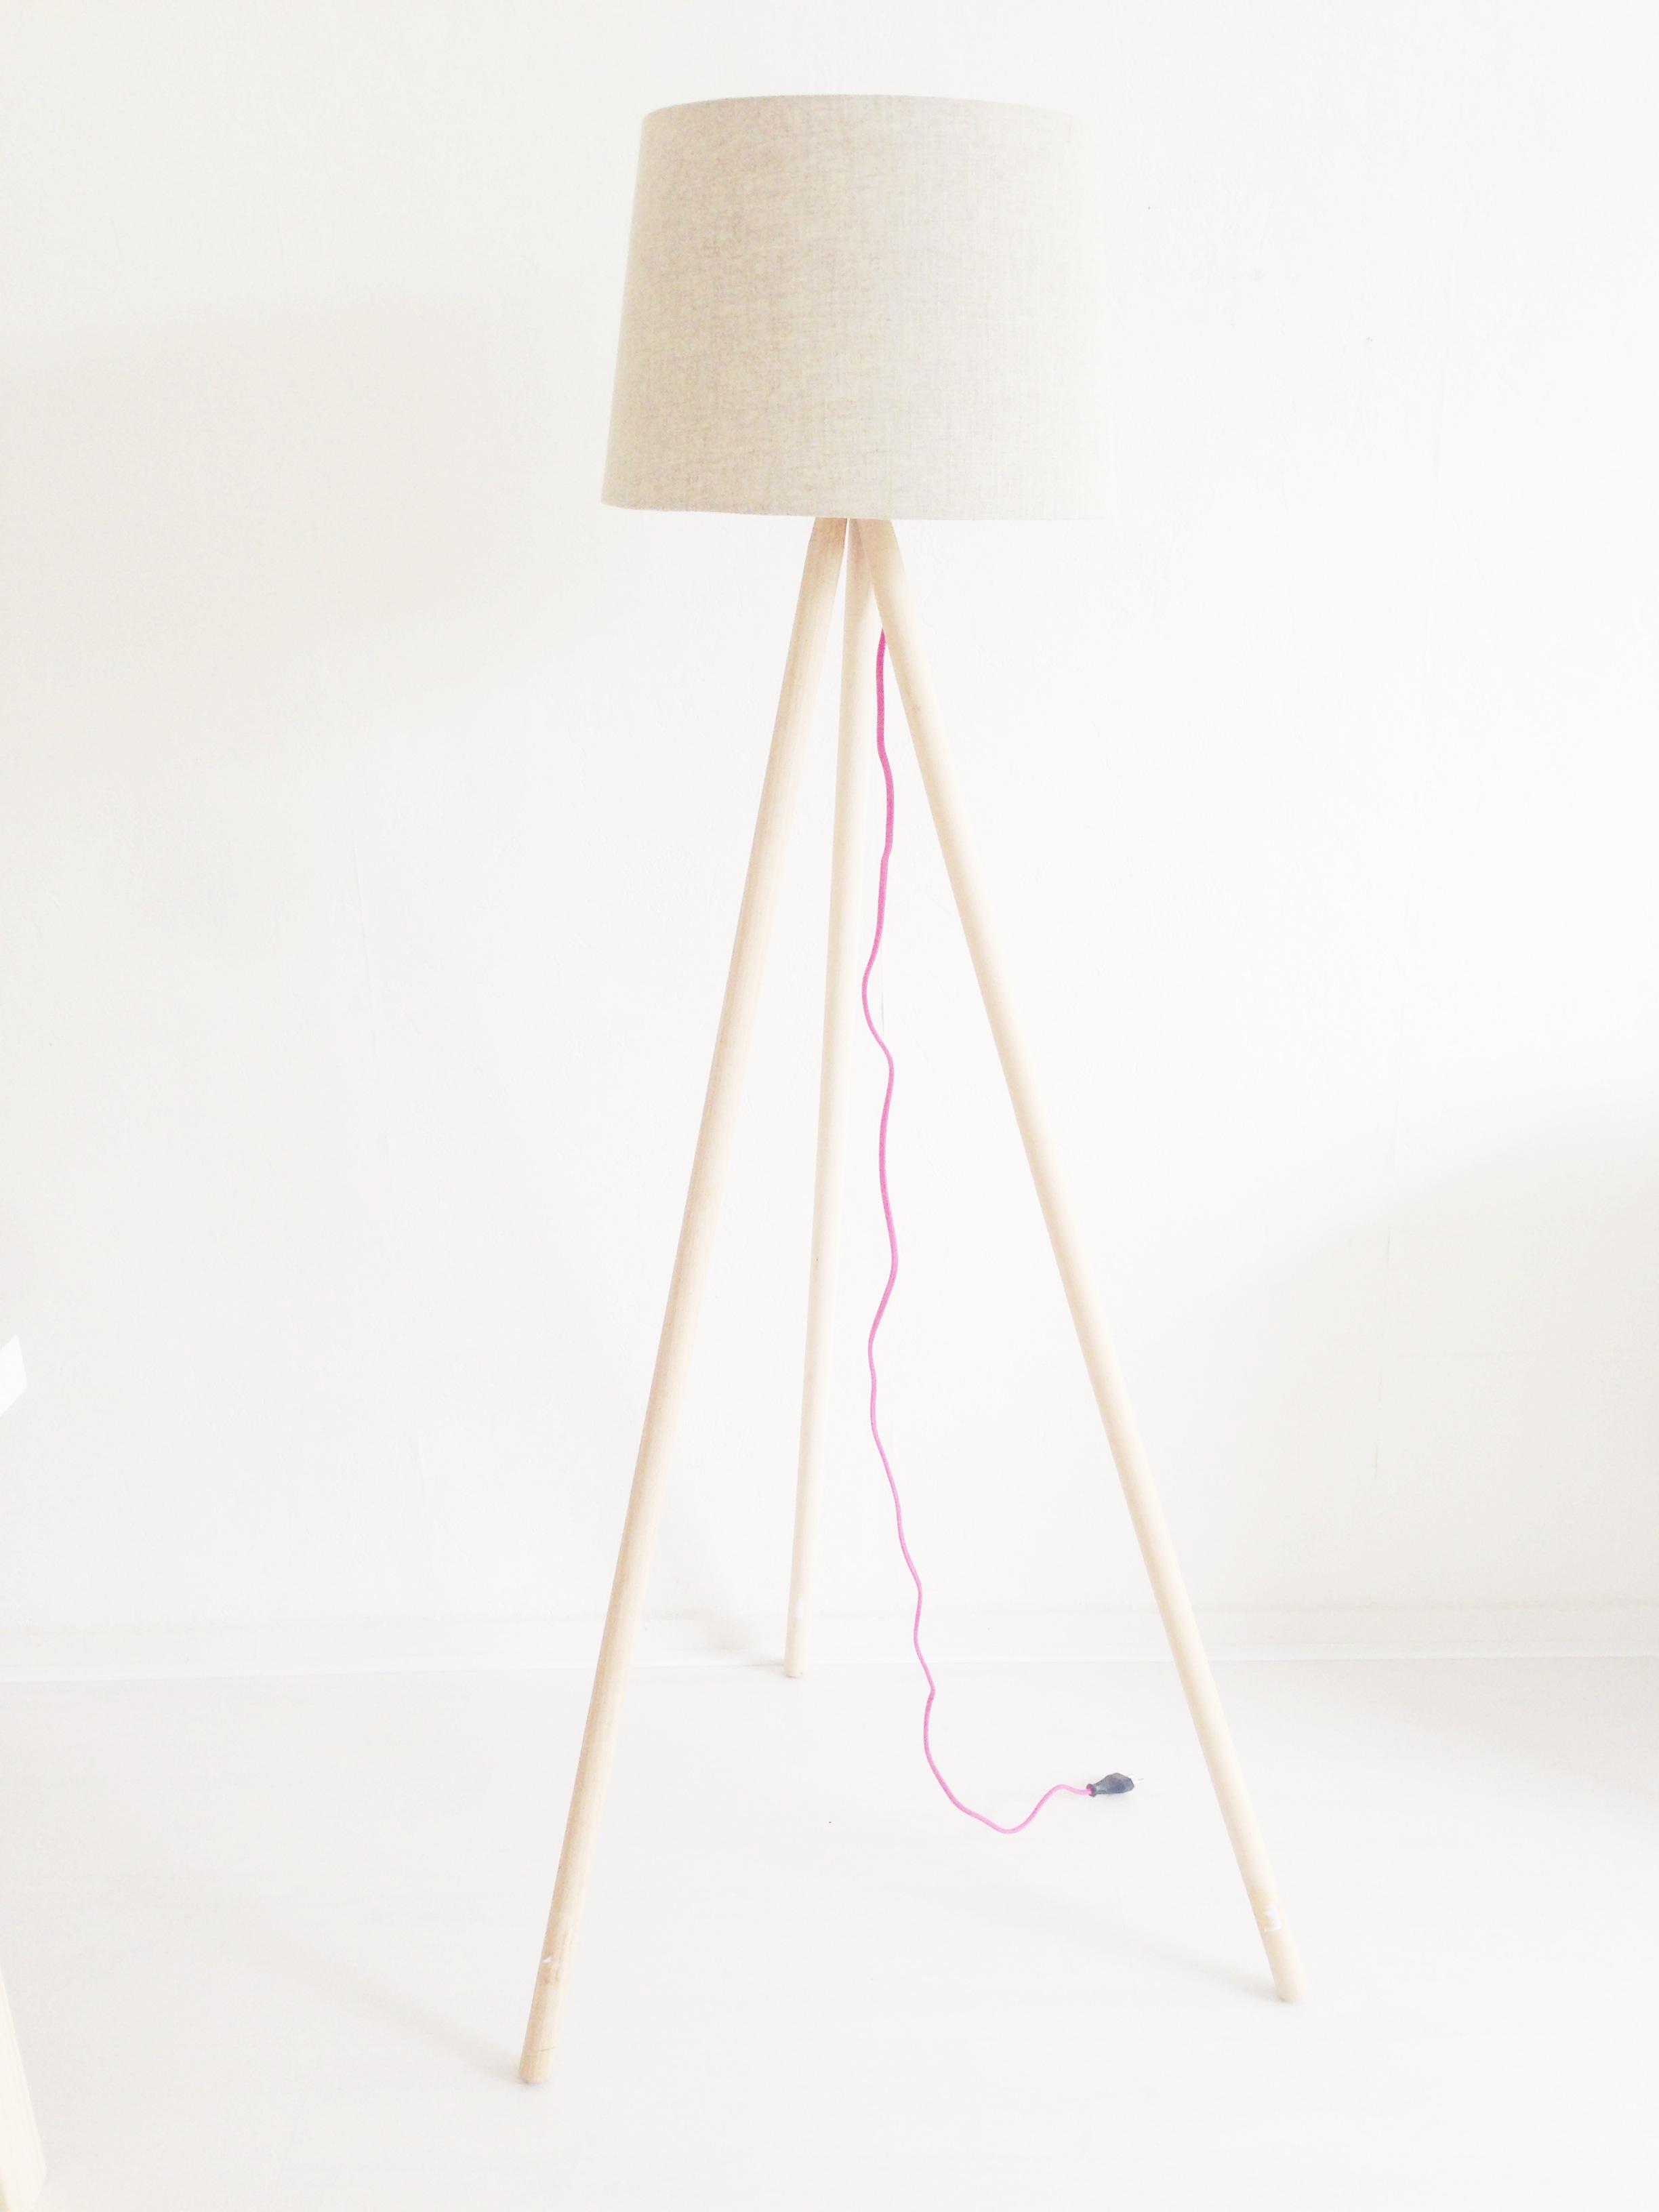 Favoriete Do it yourself: lamp van bezemstelen - donebymyself GW36